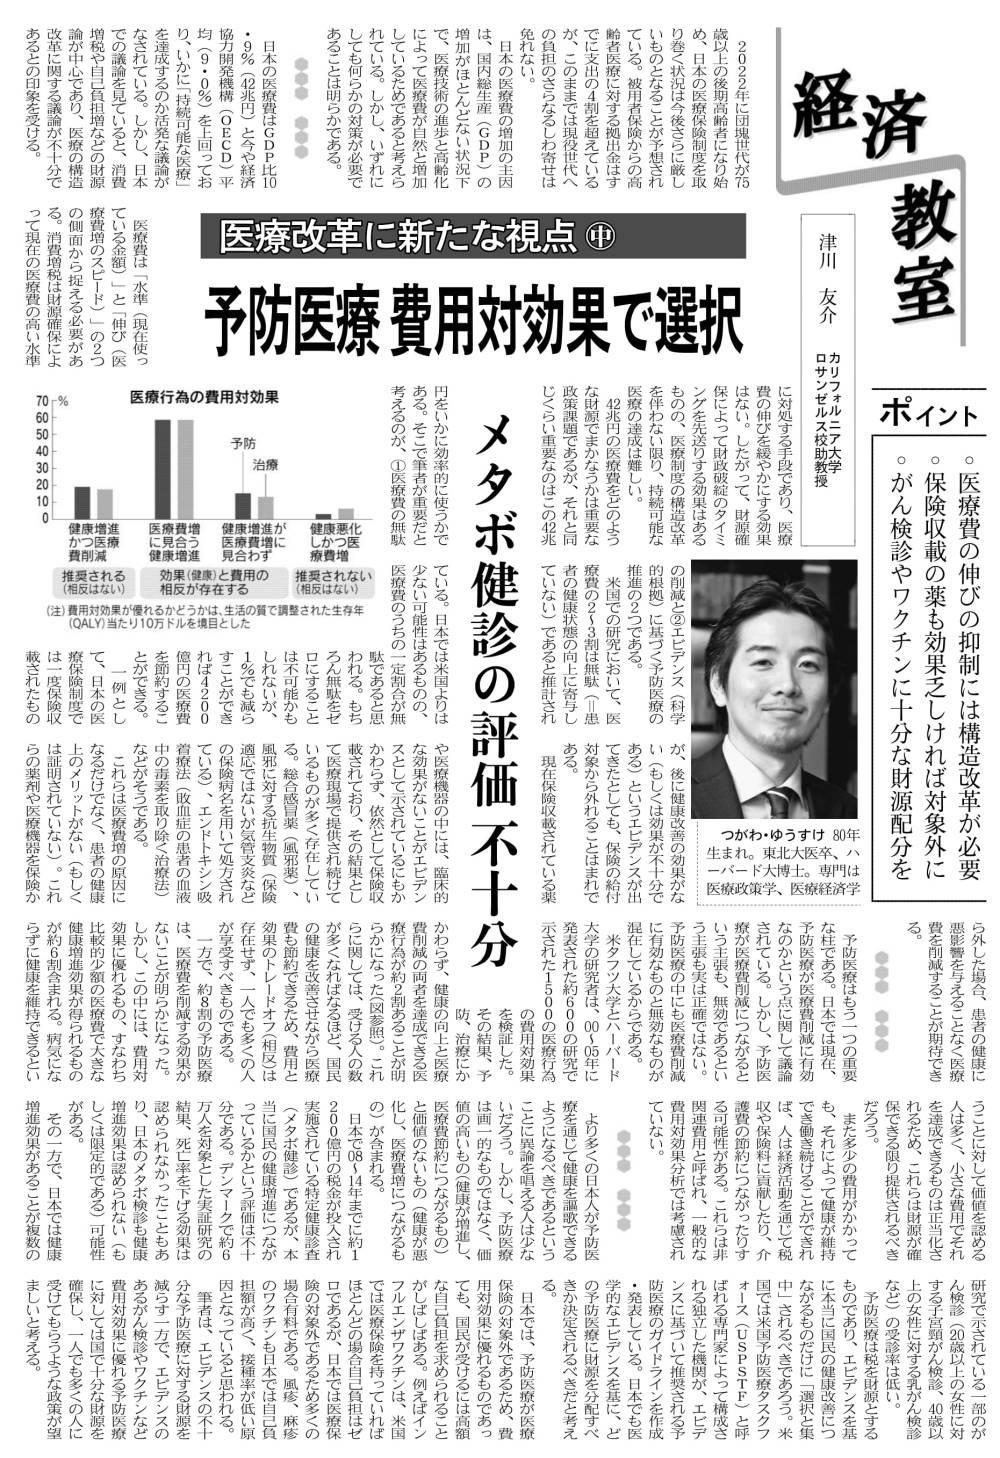 日経経済教室(2018年12月7日)-1